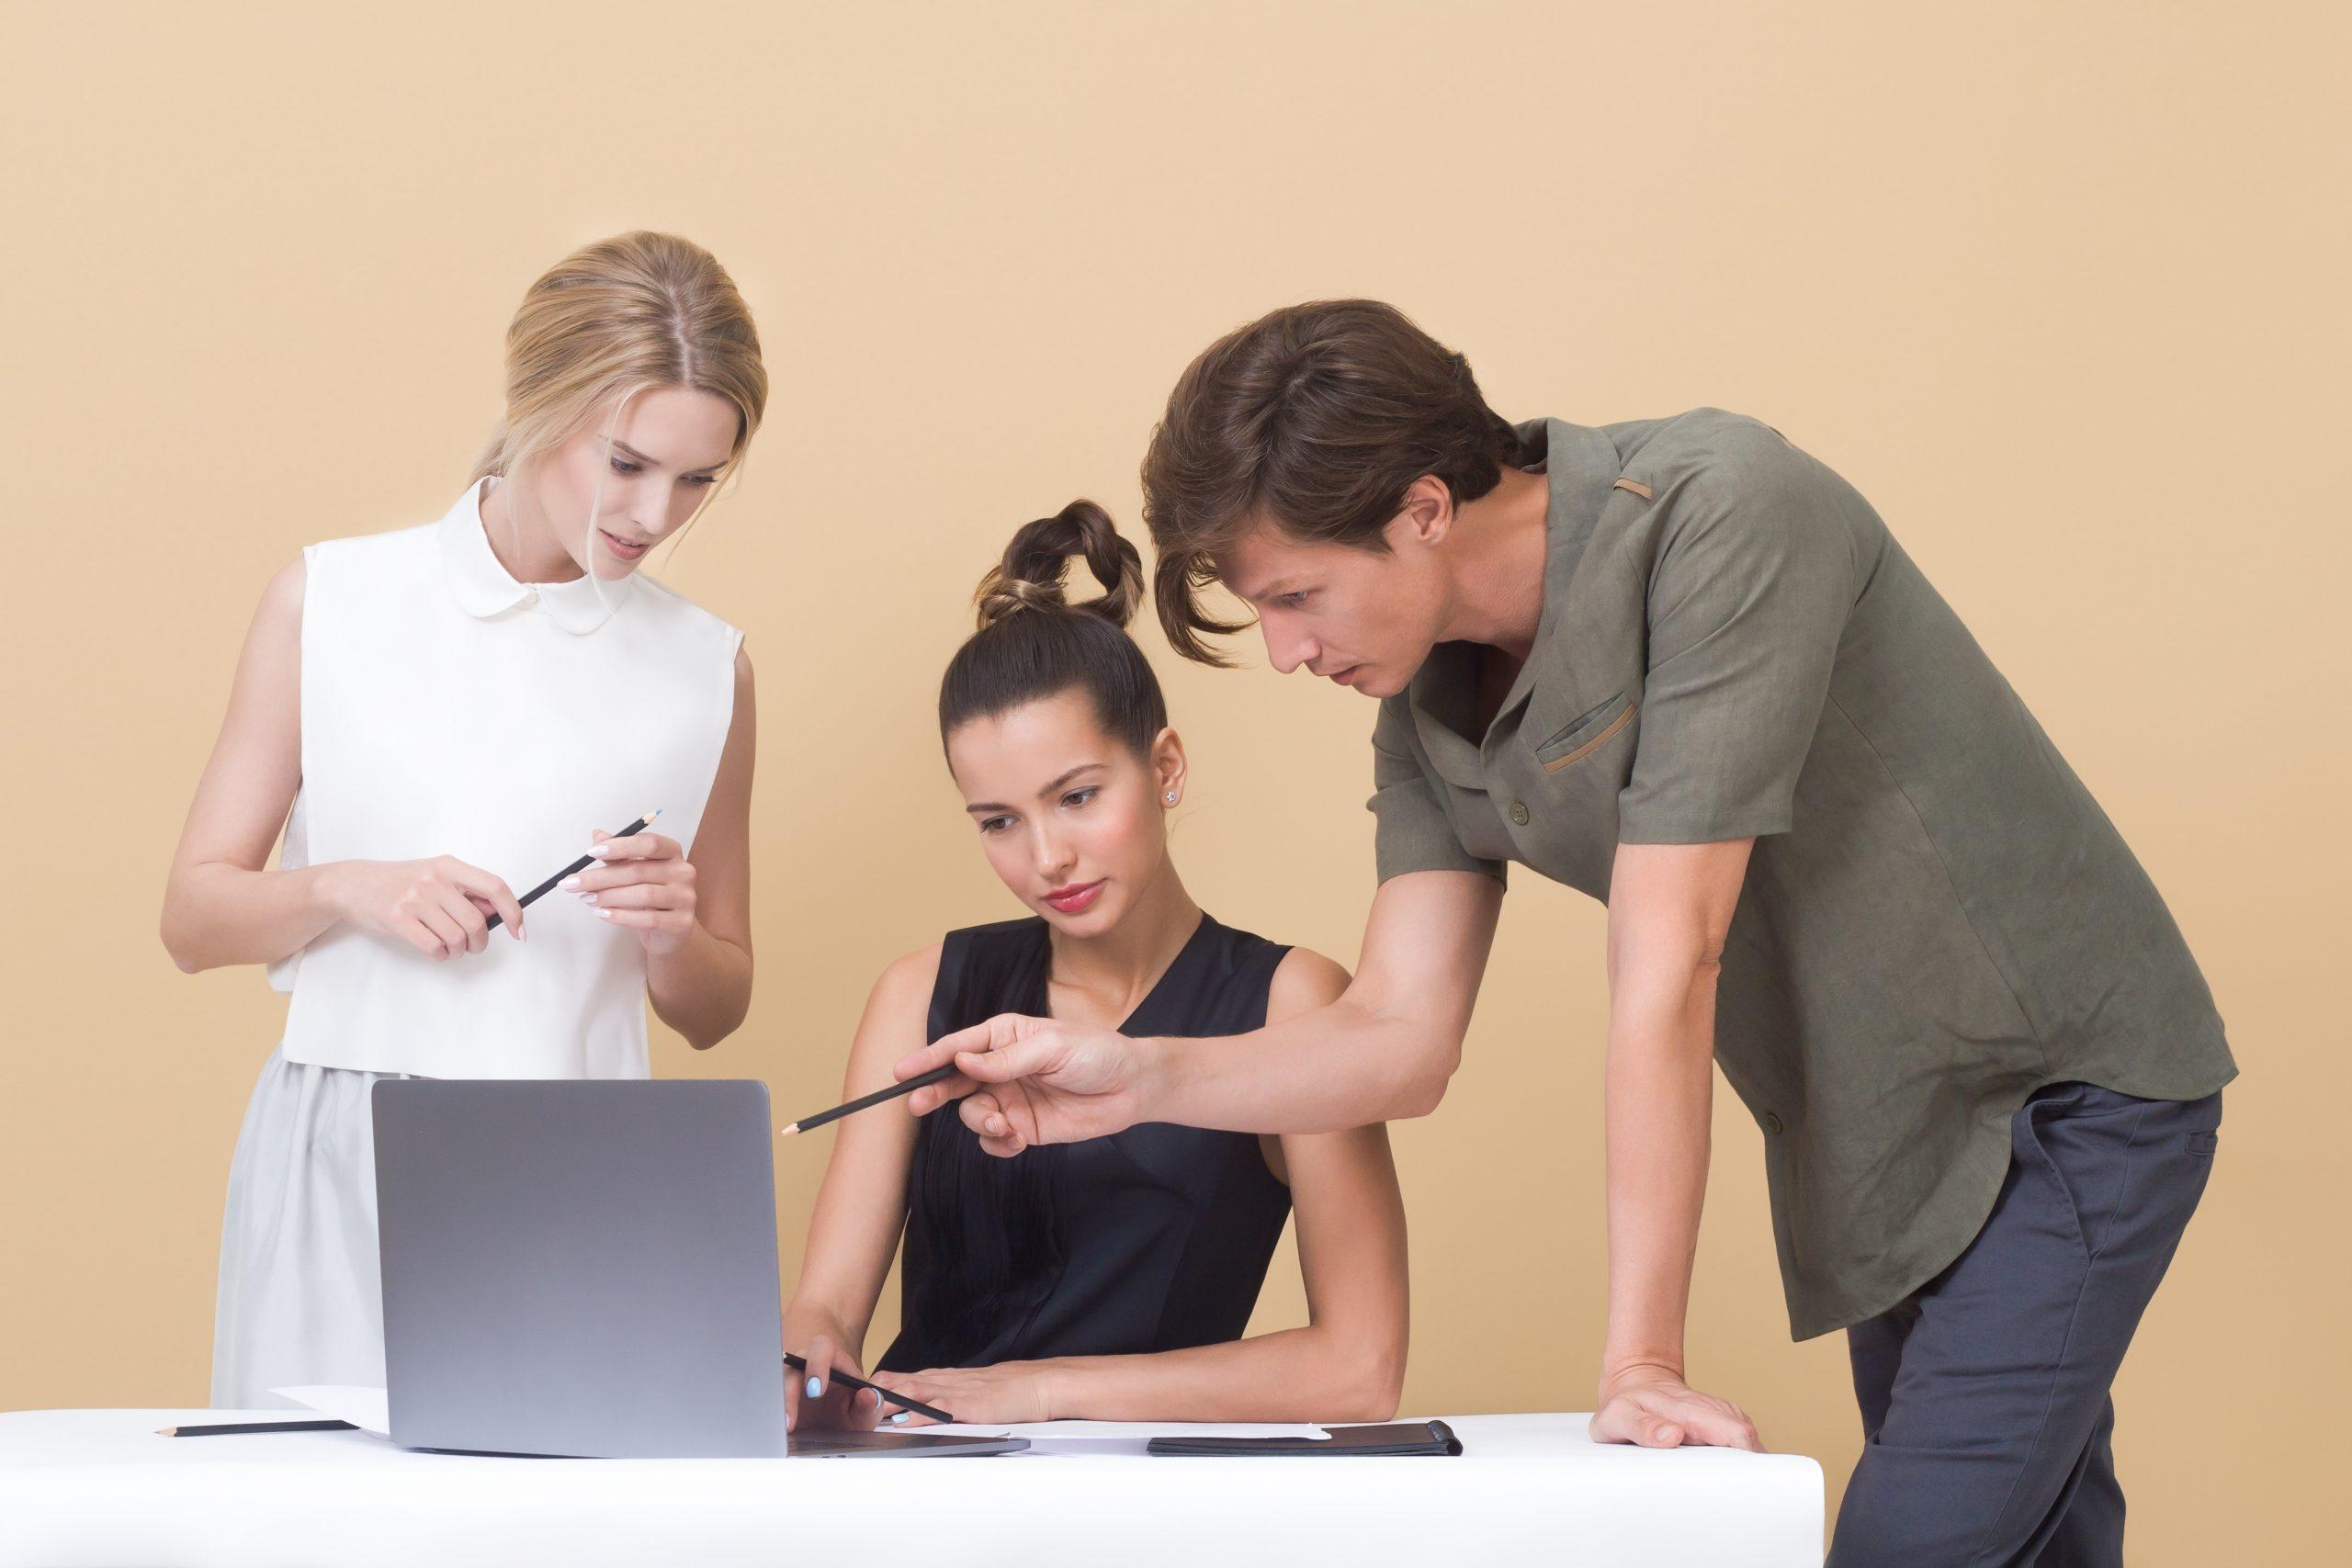 Las cinco claves para adaptarte a un nuevo puesto de trabajo